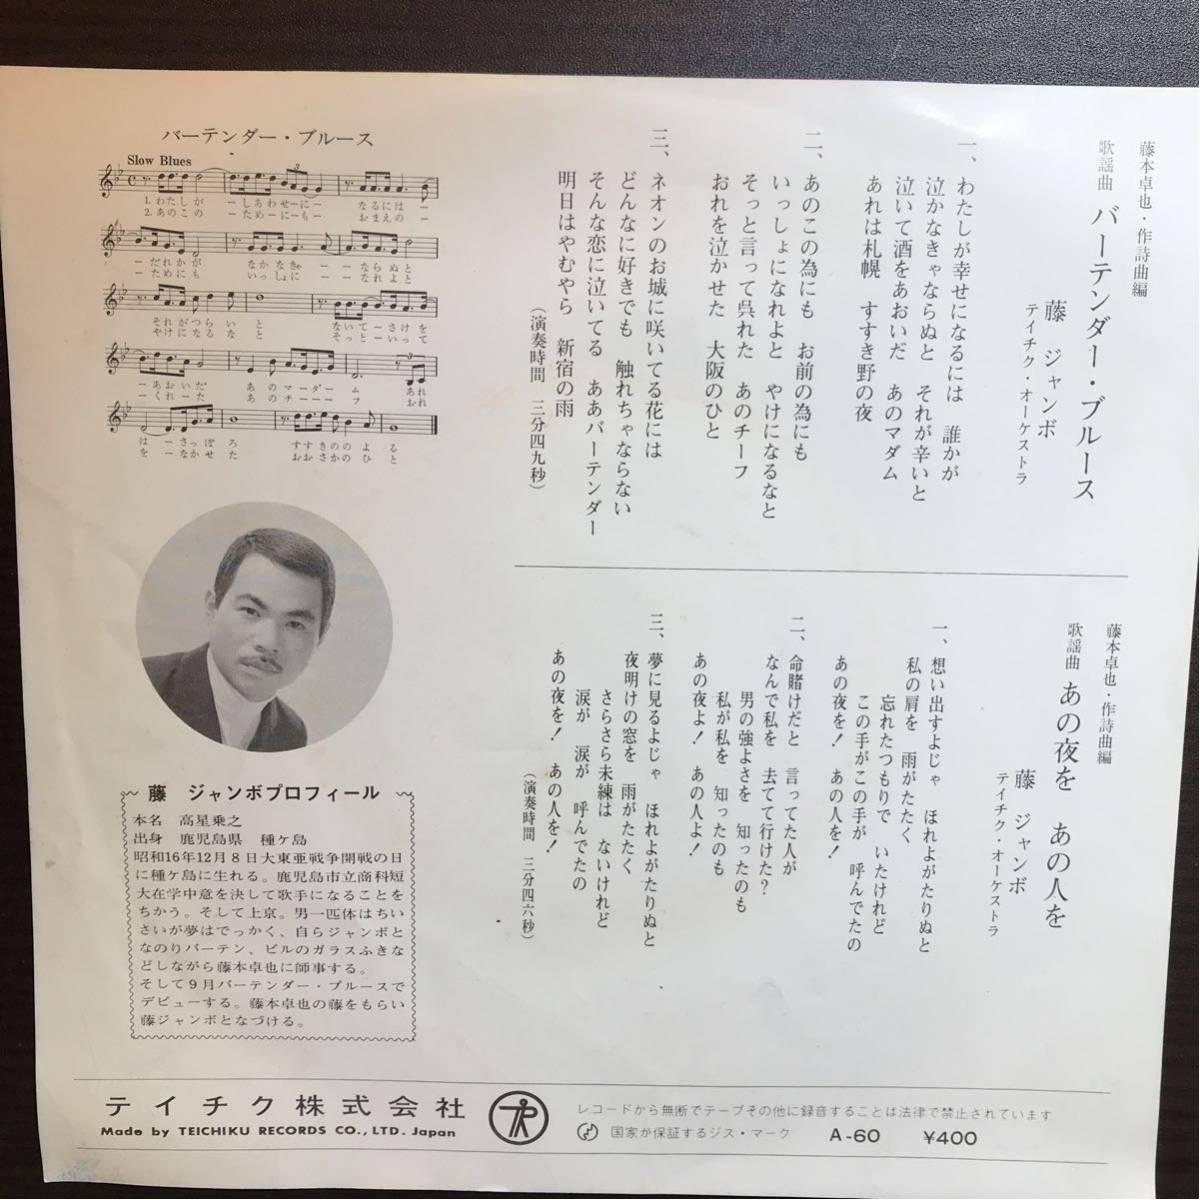 藤ジャンボ バーテンダー・ブルース EPレコード テイチクレコード貴重な見本品_画像2